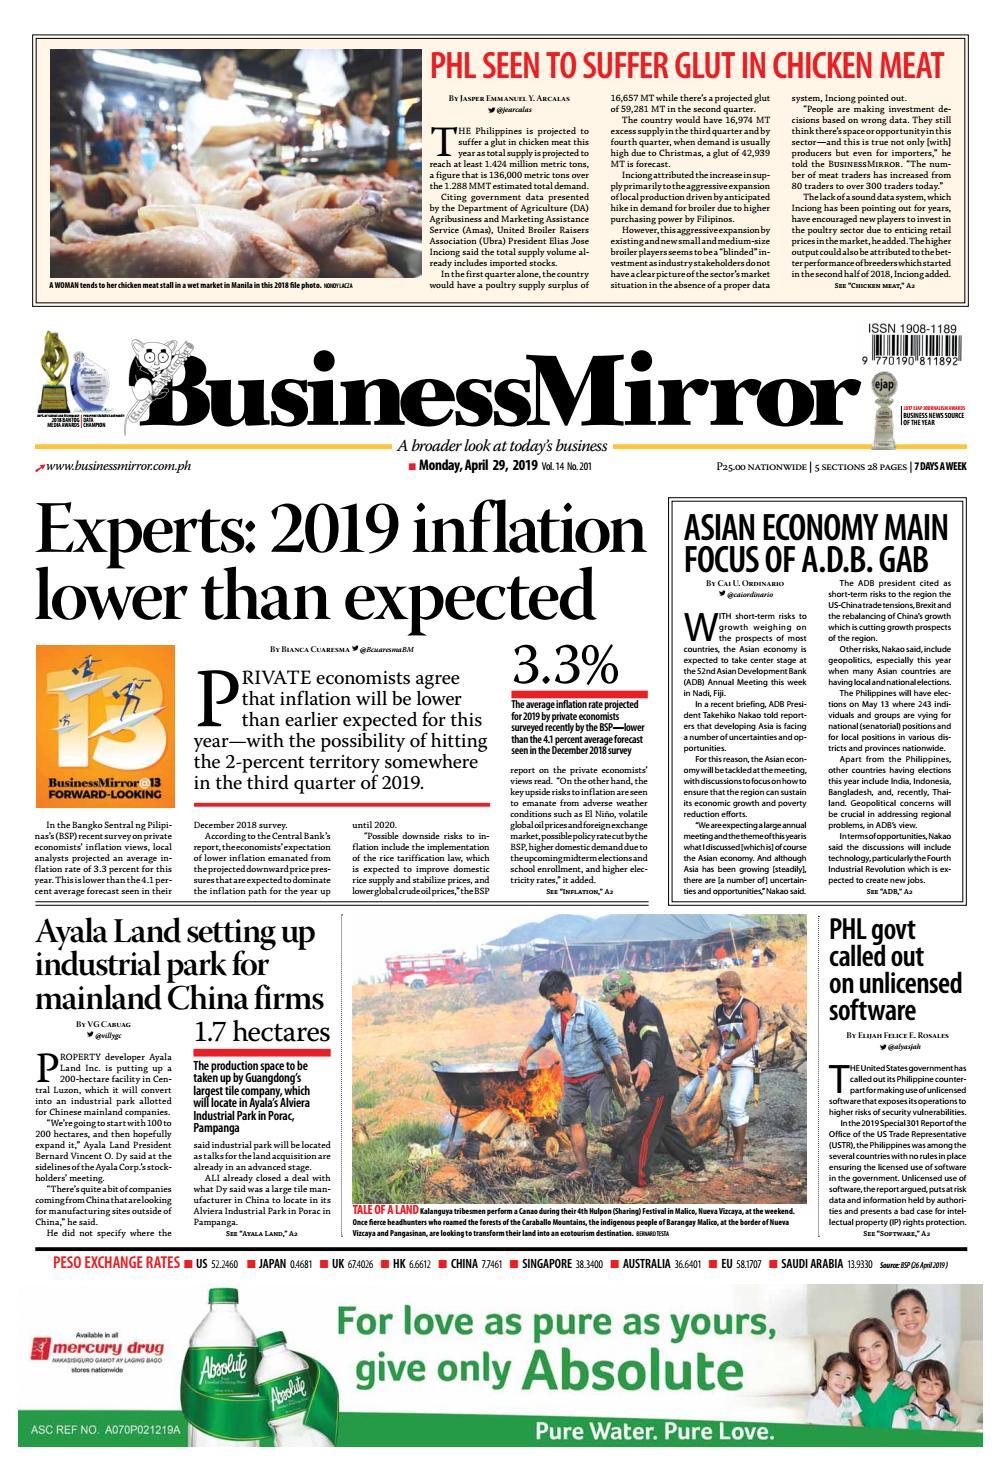 e6021fa7e6433 BusinessMirror April 29, 2019 by BusinessMirror - issuu